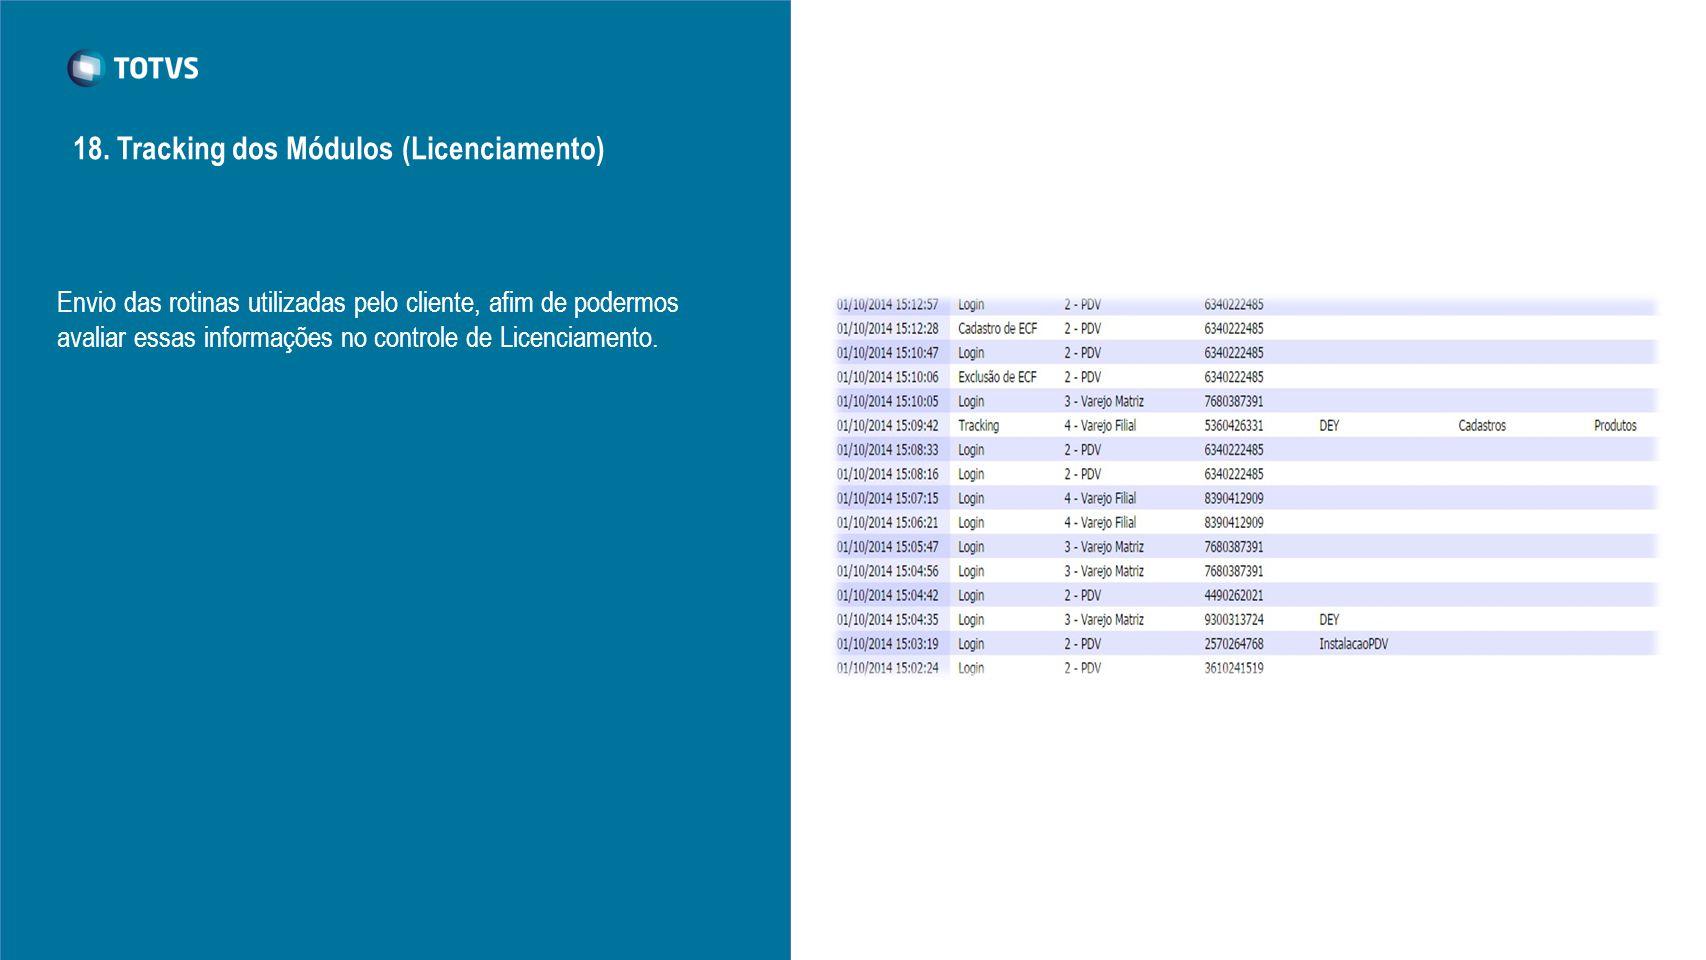 Envio das rotinas utilizadas pelo cliente, afim de podermos avaliar essas informações no controle de Licenciamento. 18. Tracking dos Módulos (Licencia